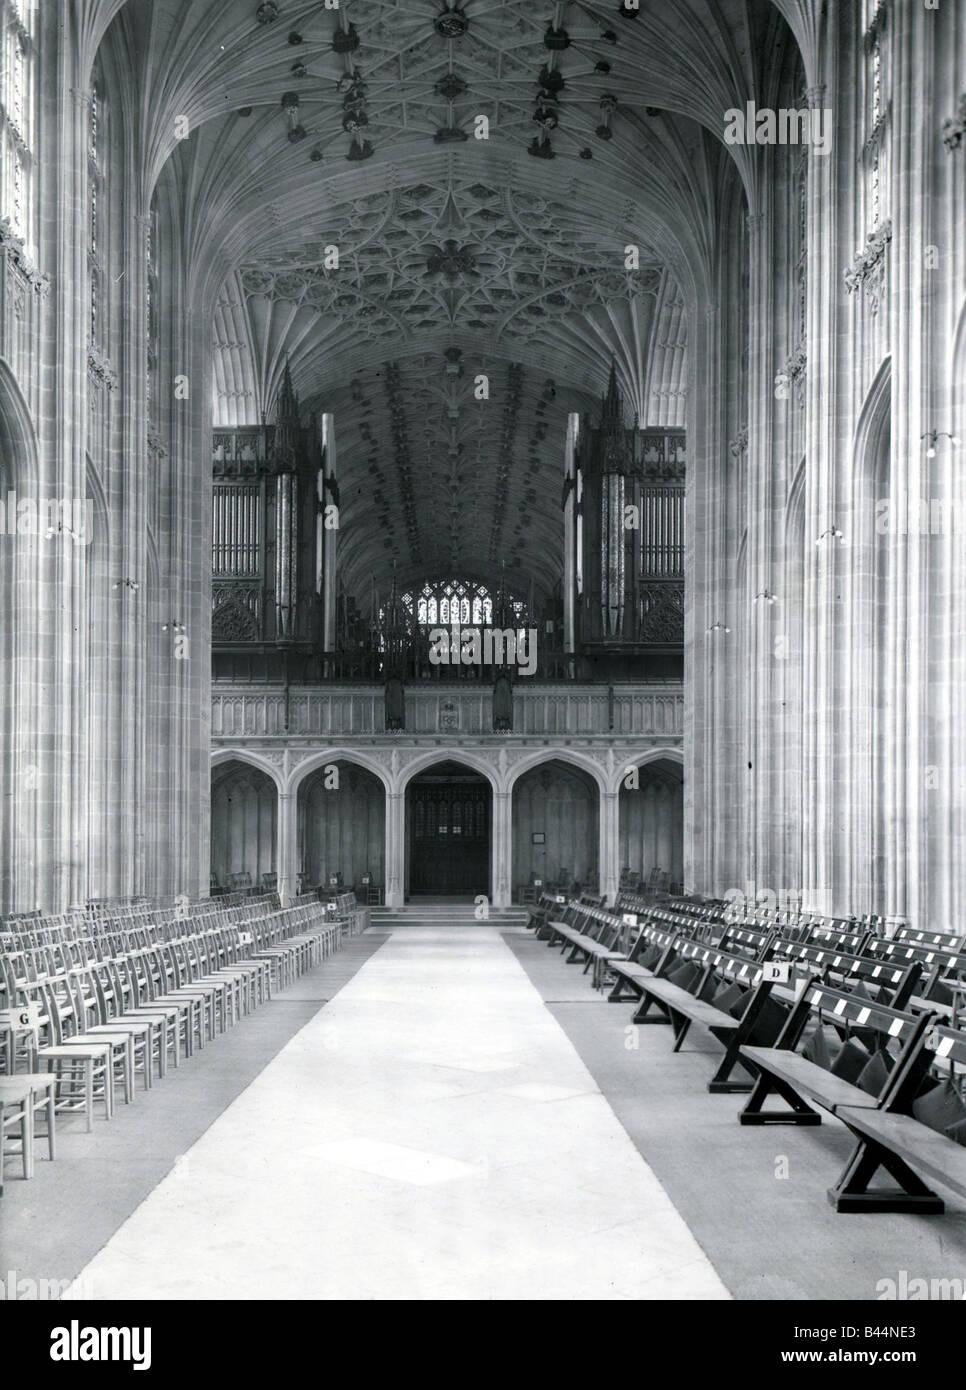 St Cappella GeorgeÛs Windsor Interno della chiesa edificio vetrata banchi architettura castello gotico di vecchi Immagini Stock